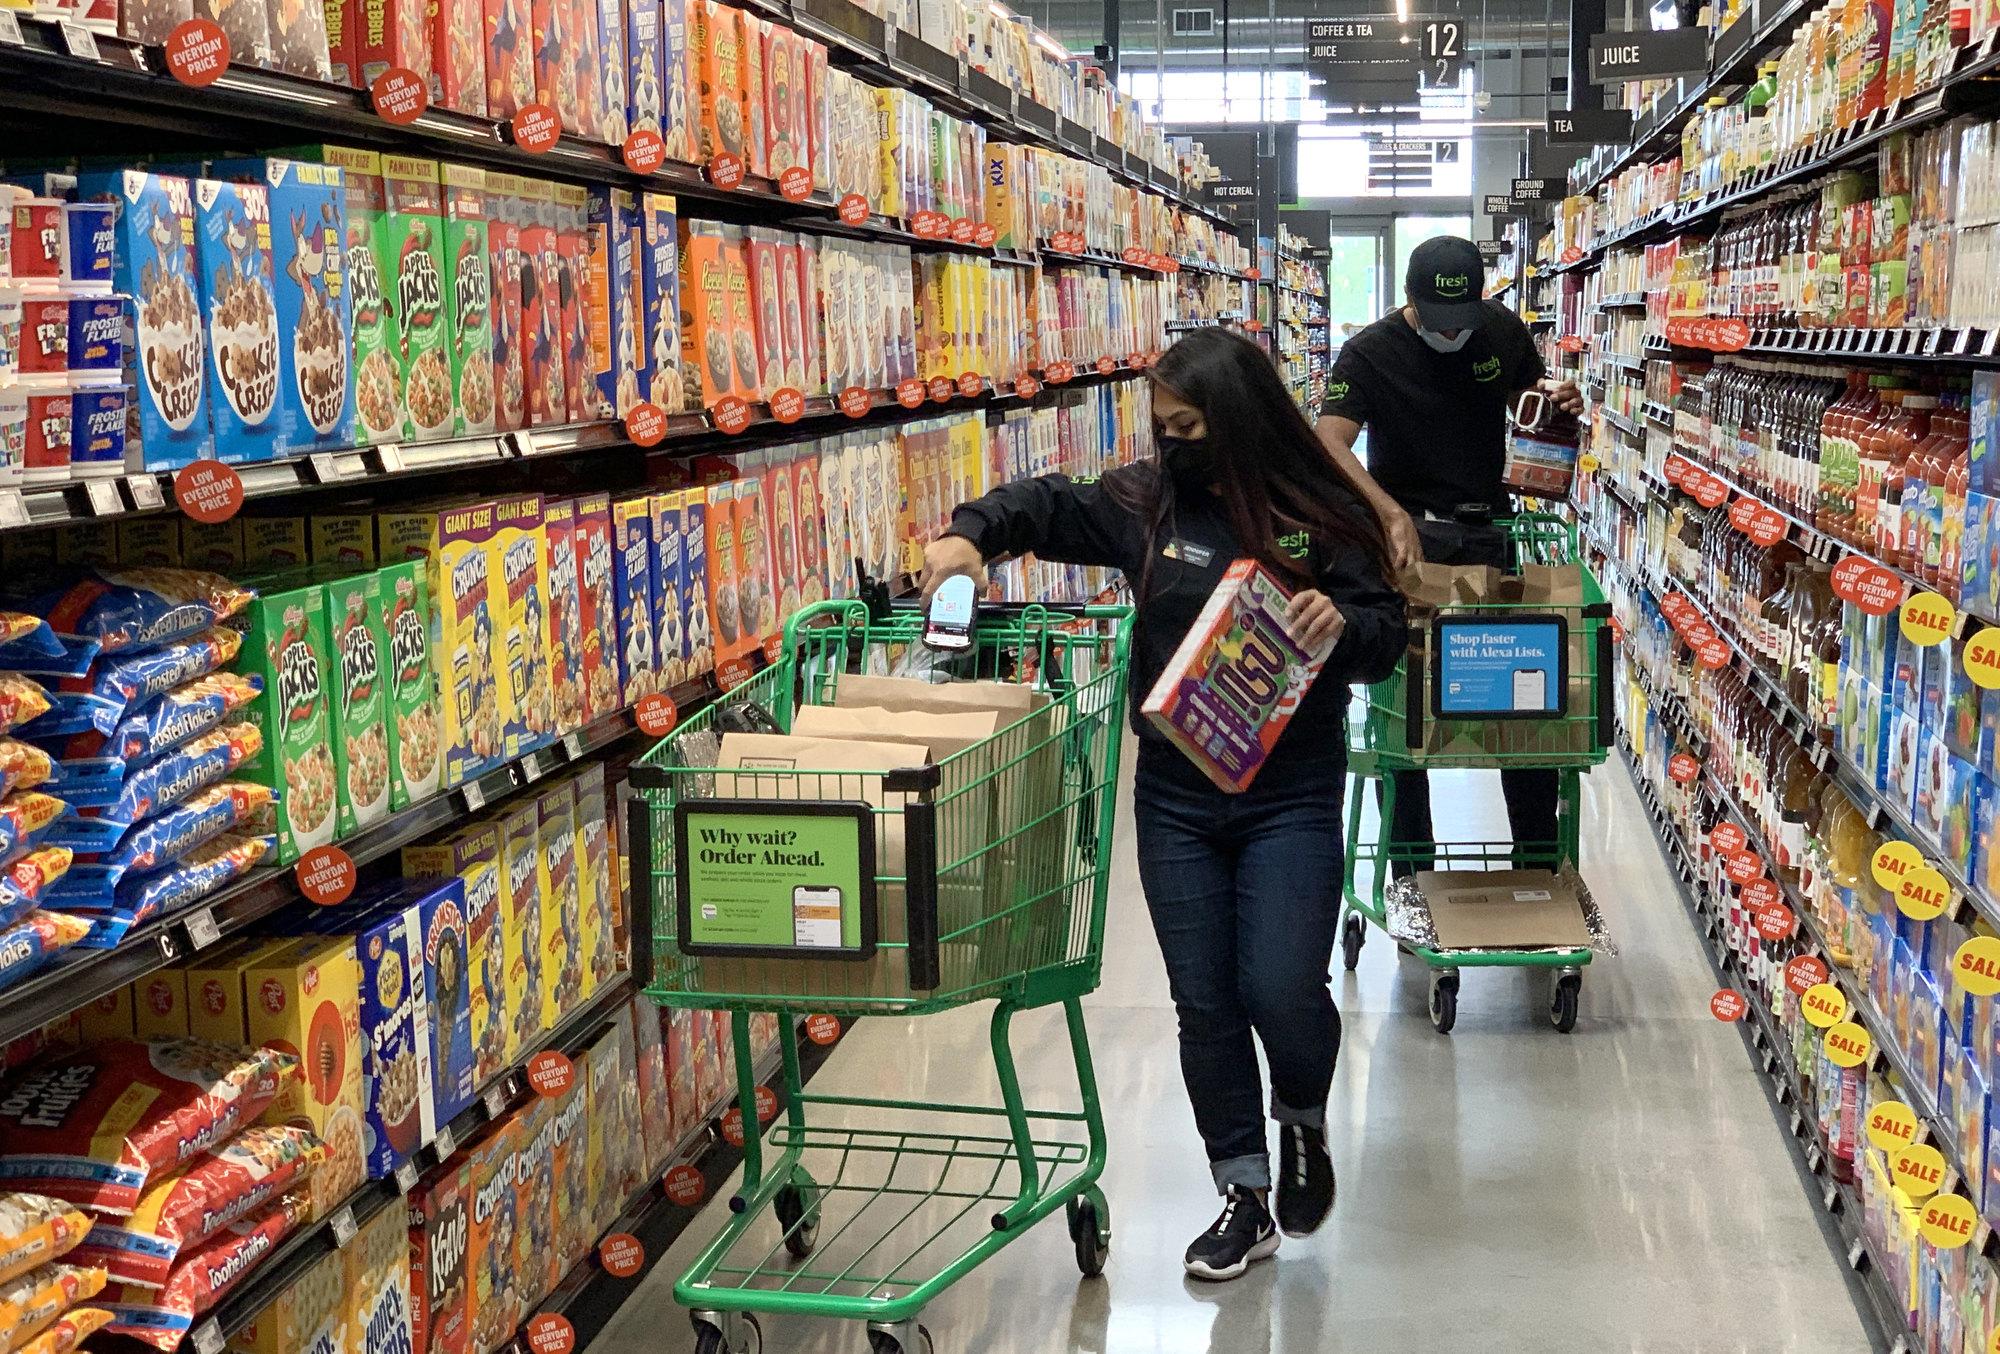 Amazon Fresh opens in Irvine, CA